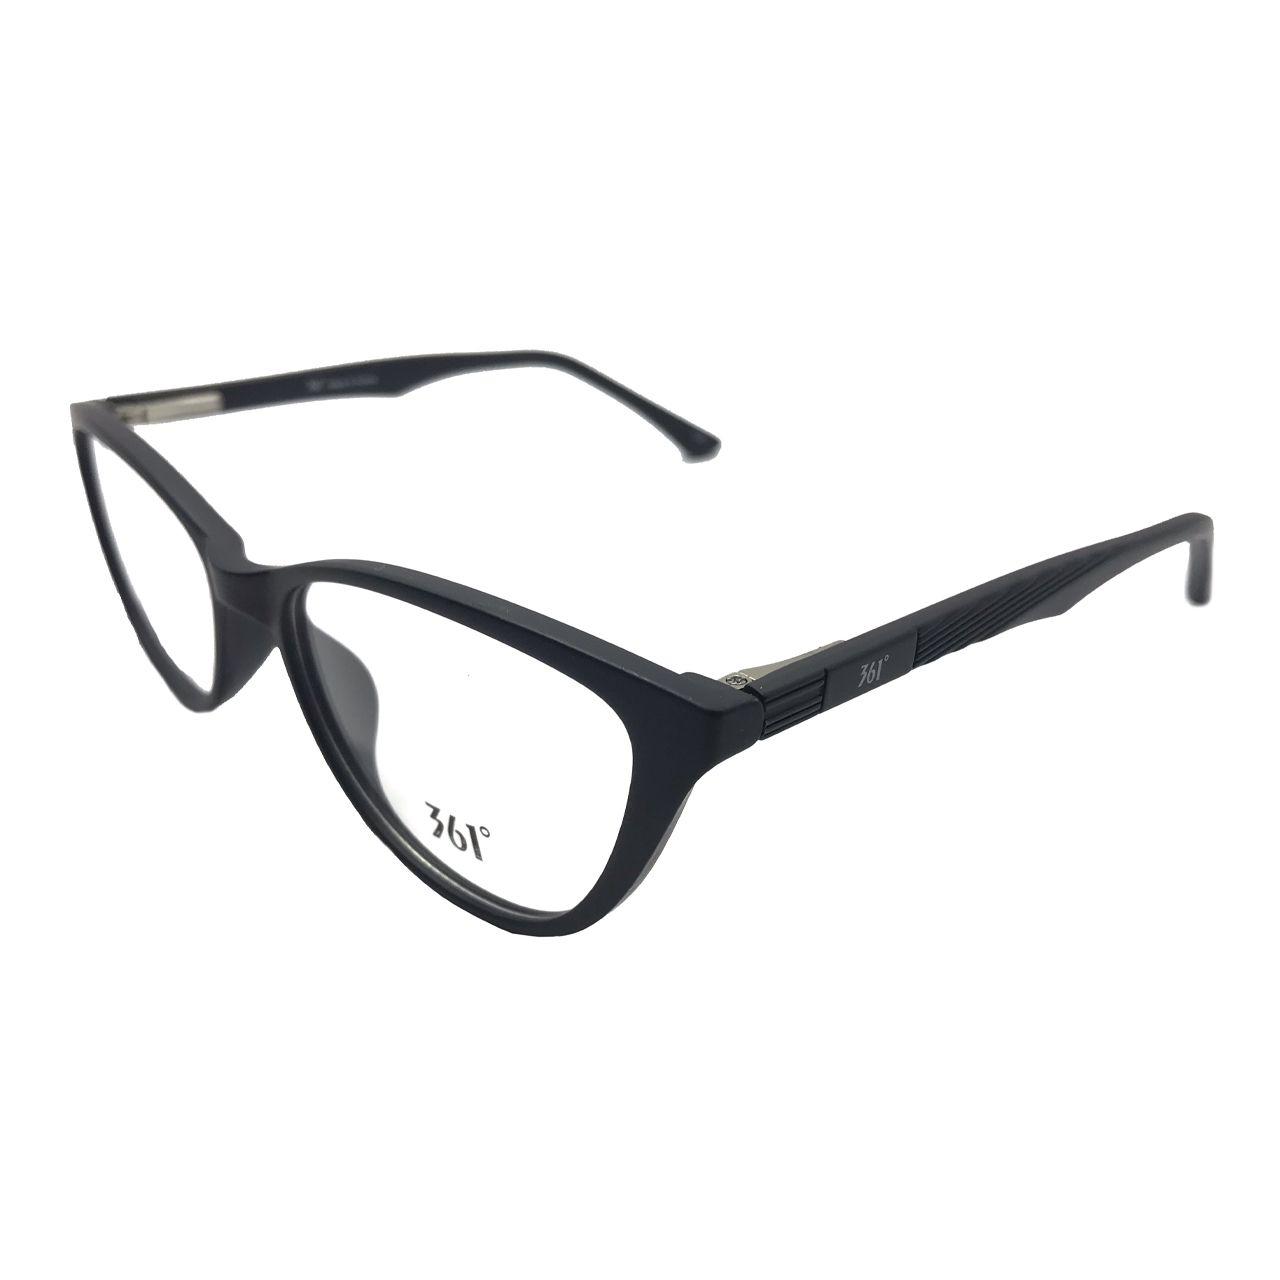 فریم عینک طبی زنانه 361 درجه کد BN350 -  - 2